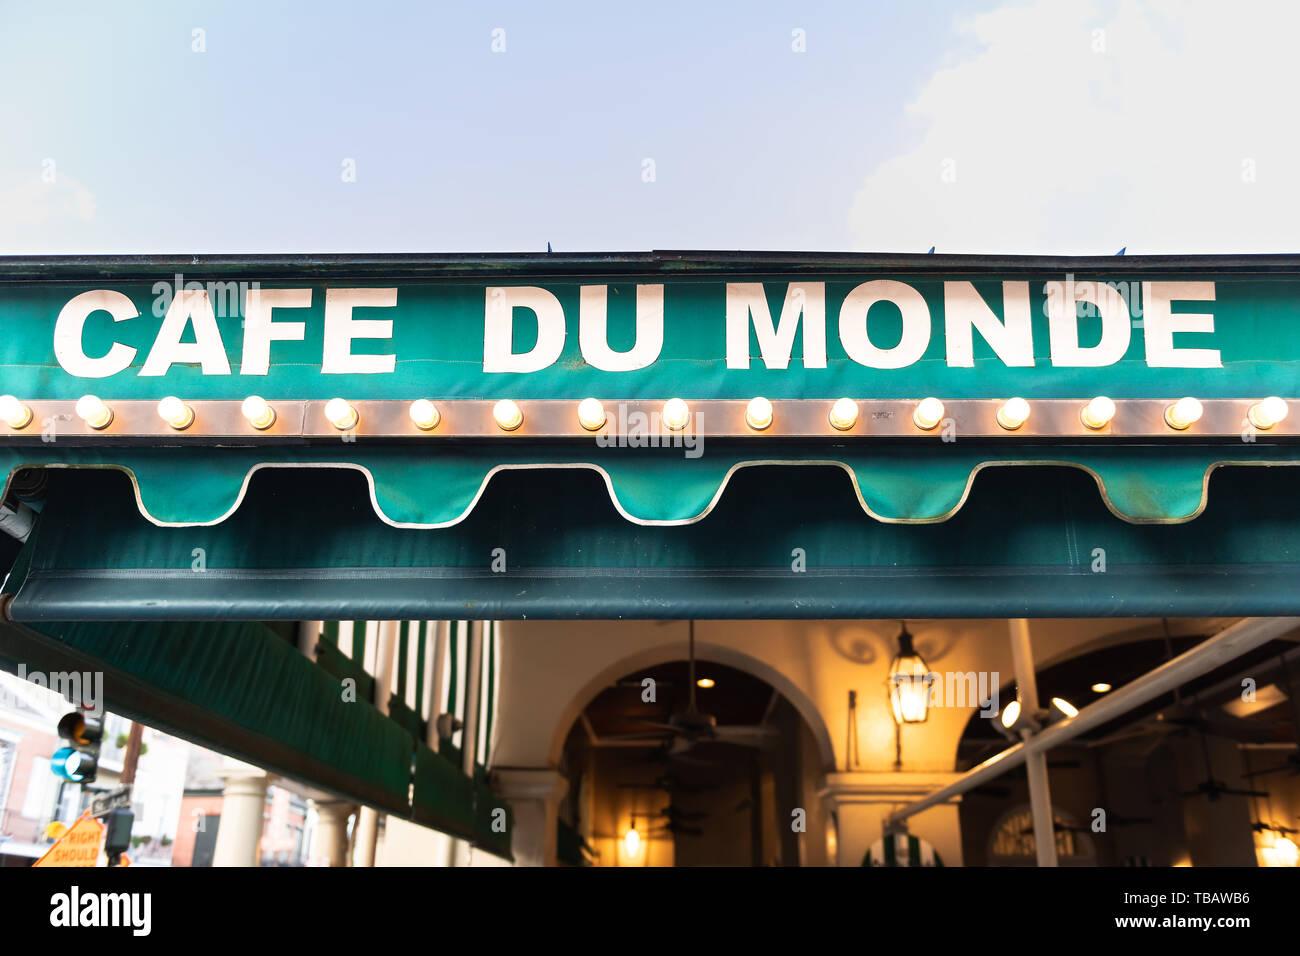 Nueva Orleans, EE.UU. - 23 de abril de 2018: el Café Du Monde firmar closeup para el famoso restaurante sirve buñuelos beignet Foto de stock